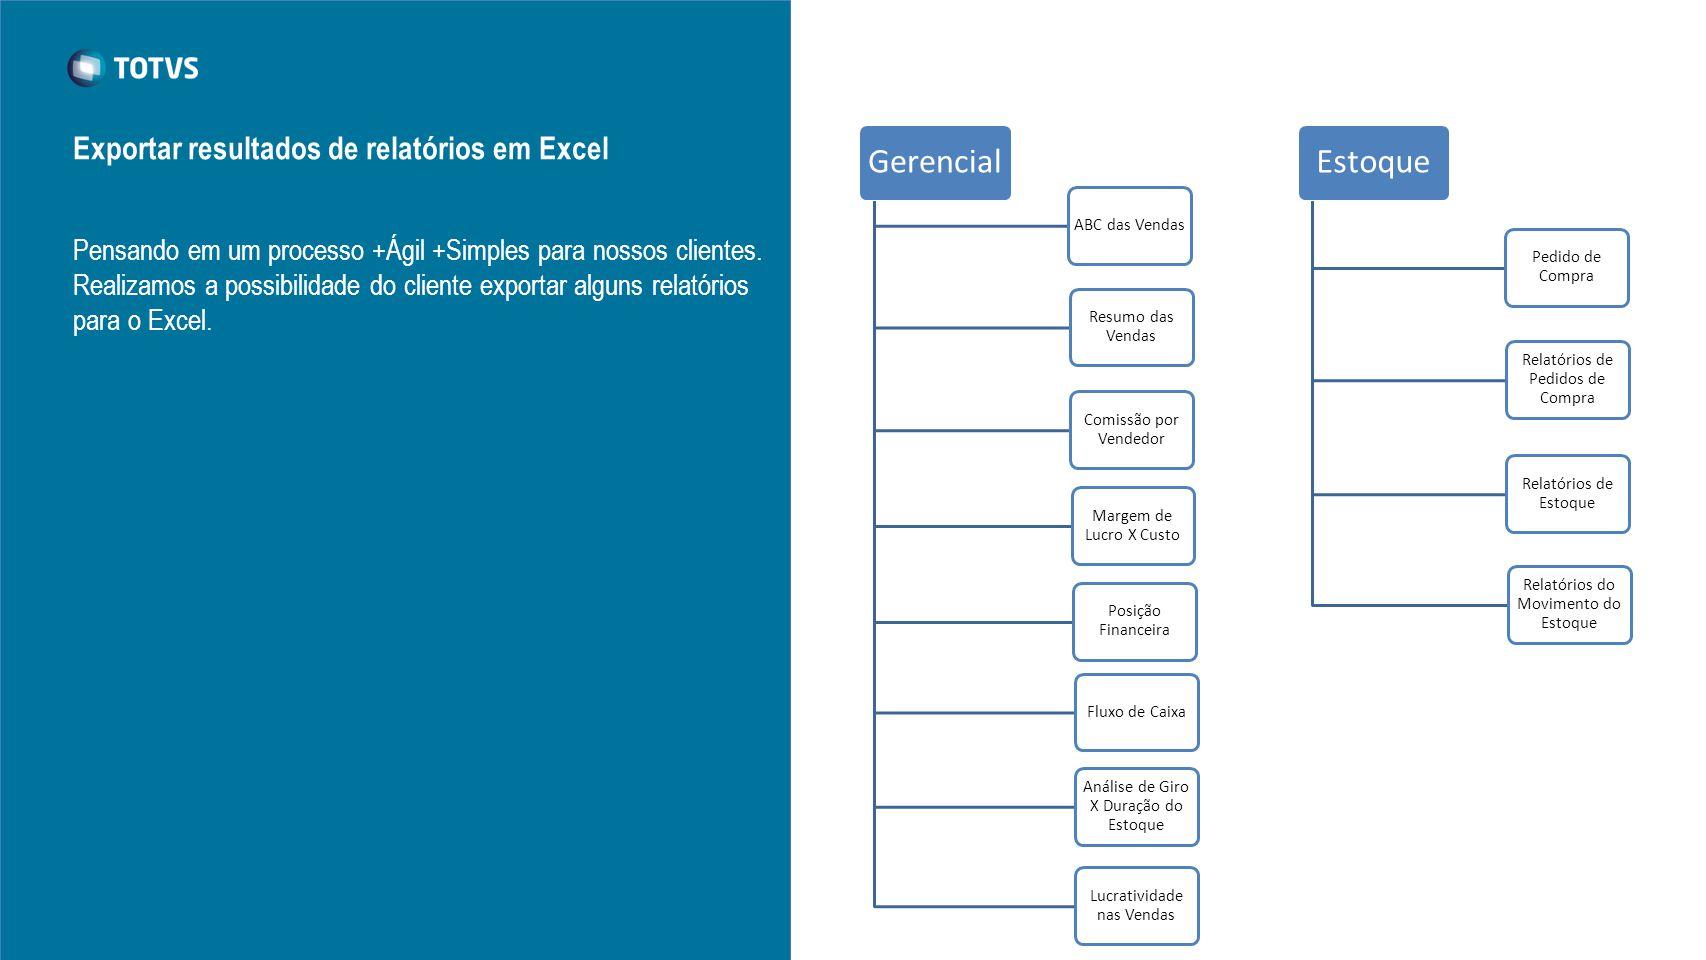 Pensando em um processo +Ágil +Simples para nossos clientes. Realizamos a possibilidade do cliente exportar alguns relatórios para o Excel. Exportar r